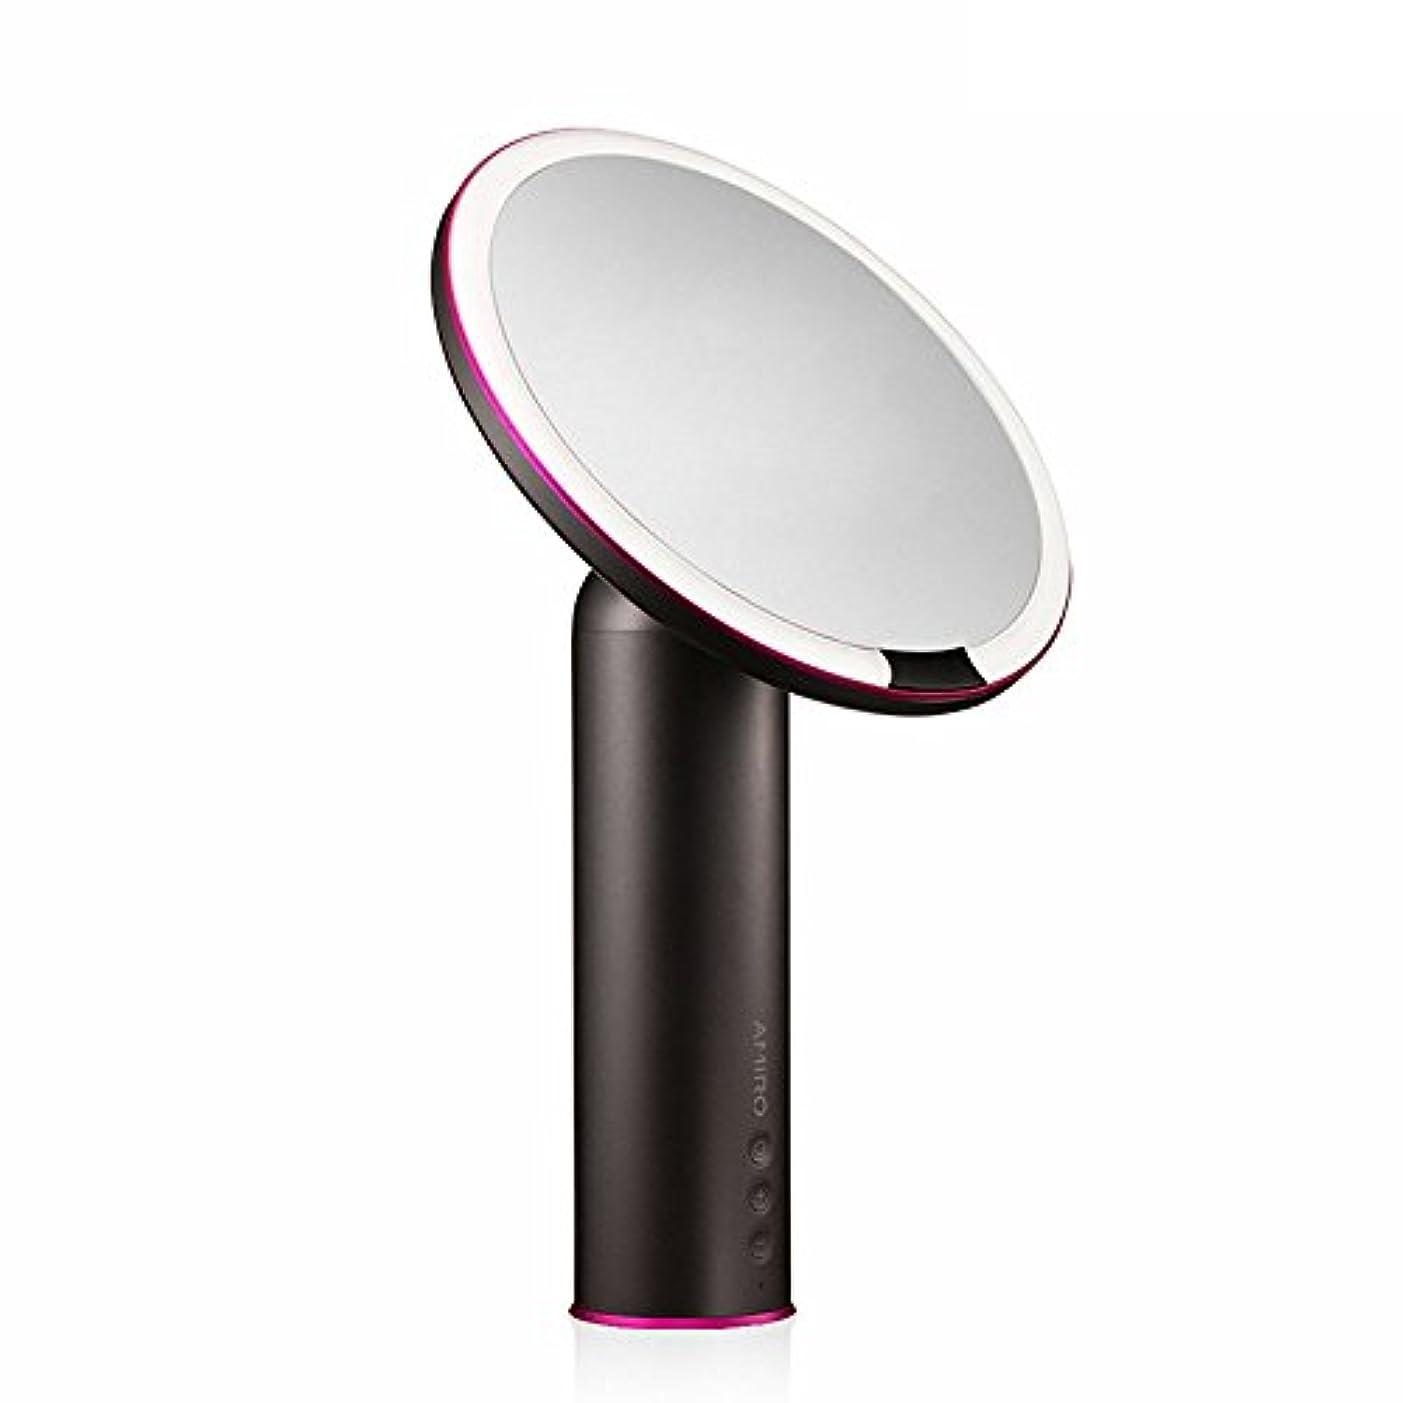 アンタゴニスト香り攻撃AMIRO LED化粧鏡 人感センサー付き 化粧ミラー LEDライト付き 卓上鏡 女優ミラー 3段階明るさ調節可能 コードレス 充電式